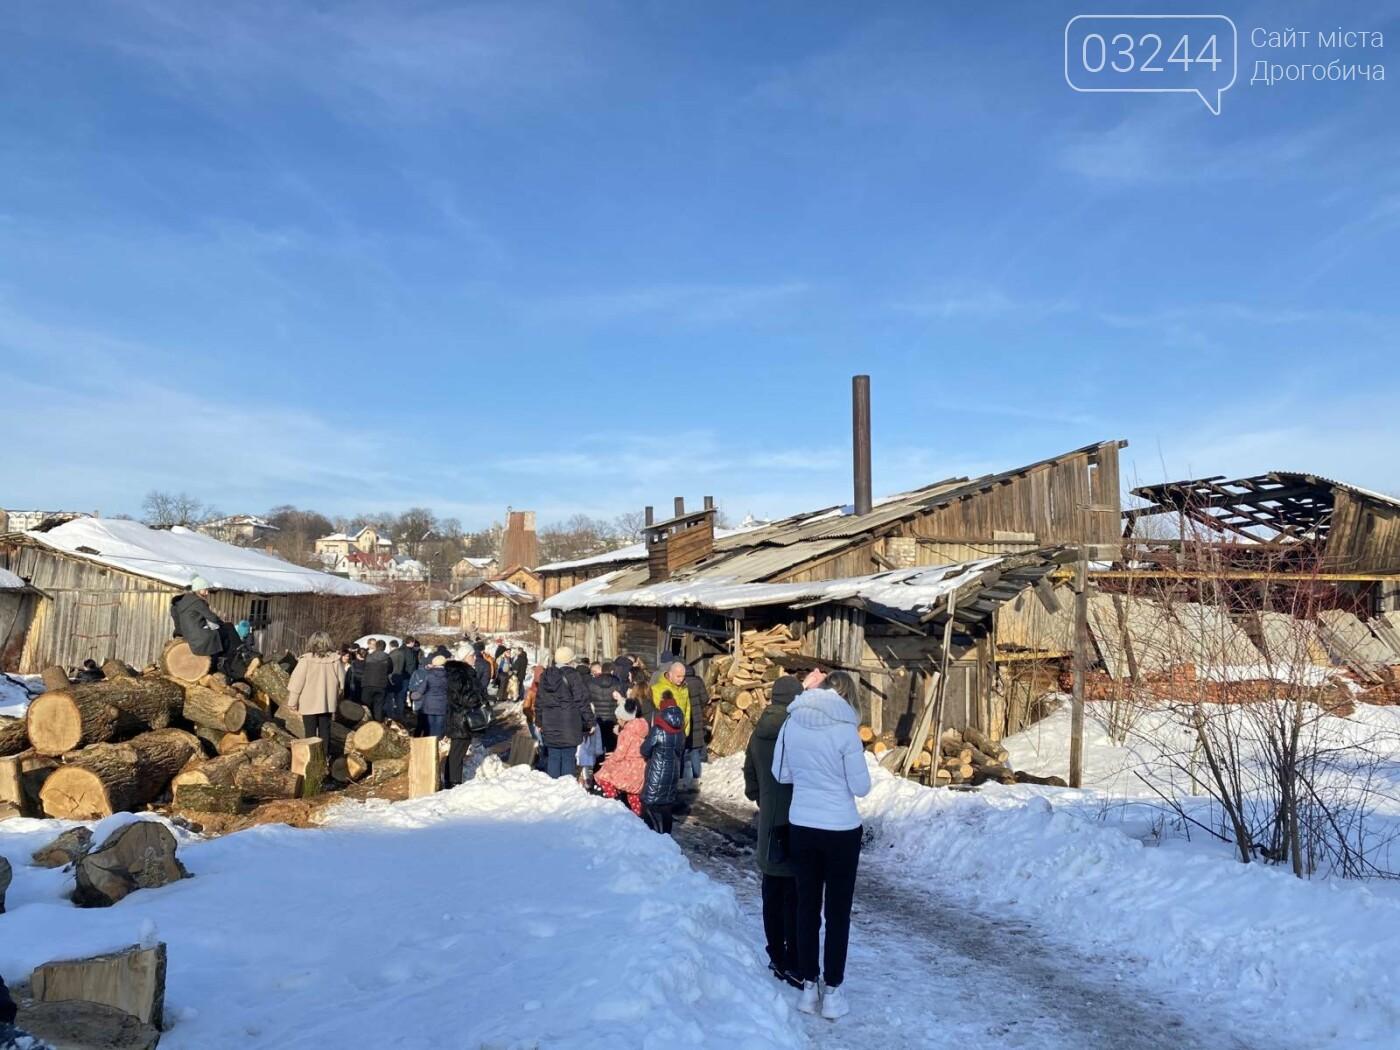 «У ньому вся сіль!» - у Дрогобичі відновили екскурсії на солевиварювальний завод, - ФОТО, ВІДЕО, фото-12